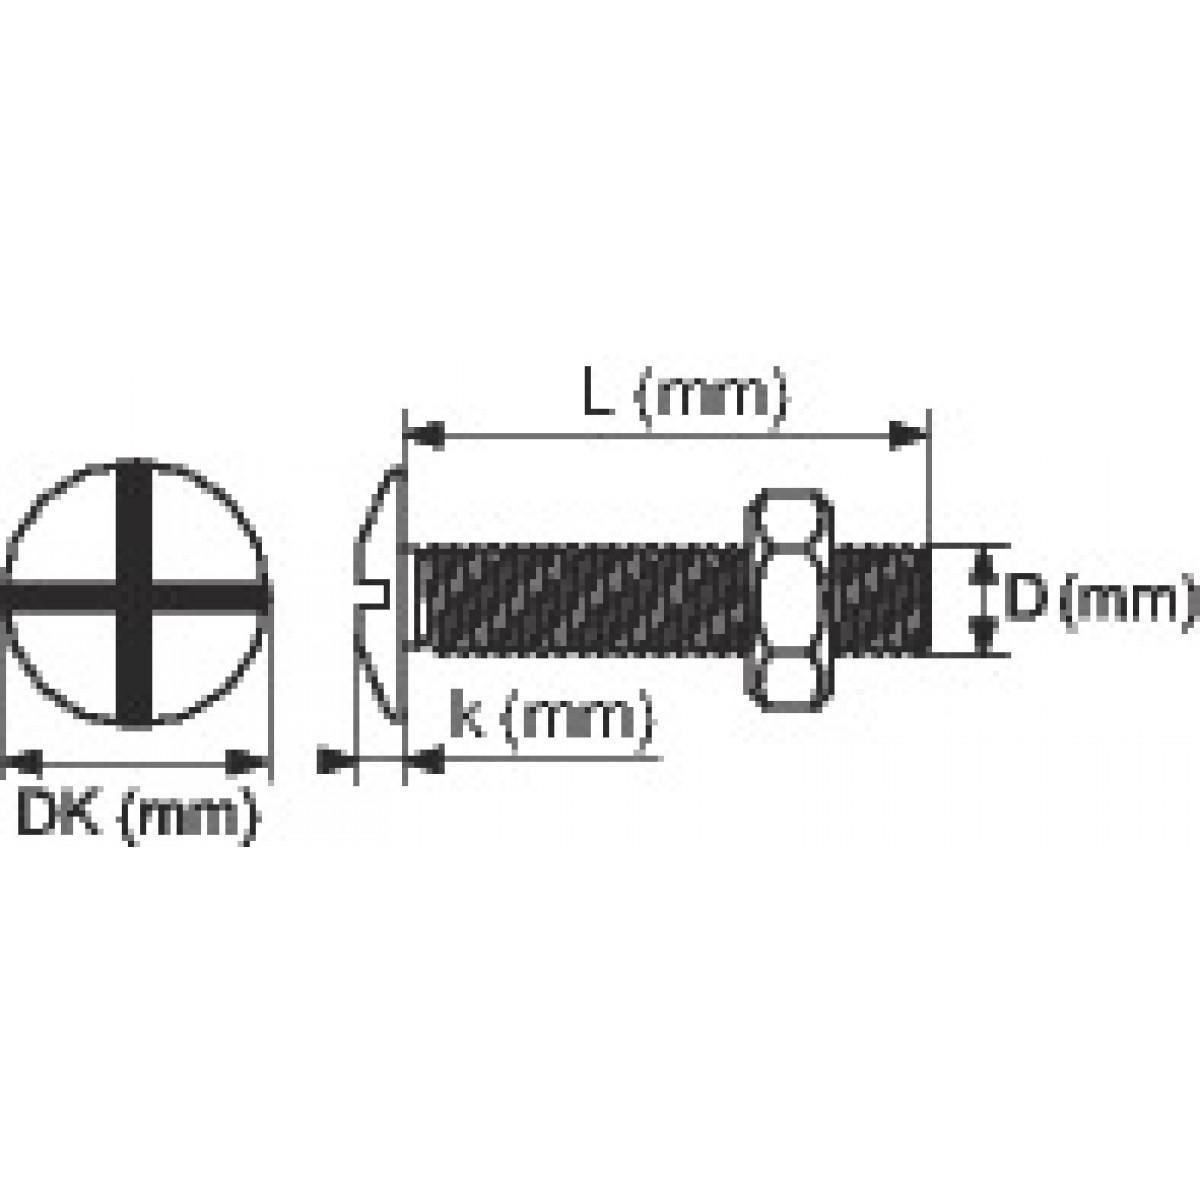 Boulon poêlier zingué - Ø 8 mm - 50 mm - Filetage total - Boîte de 100 - Viswood